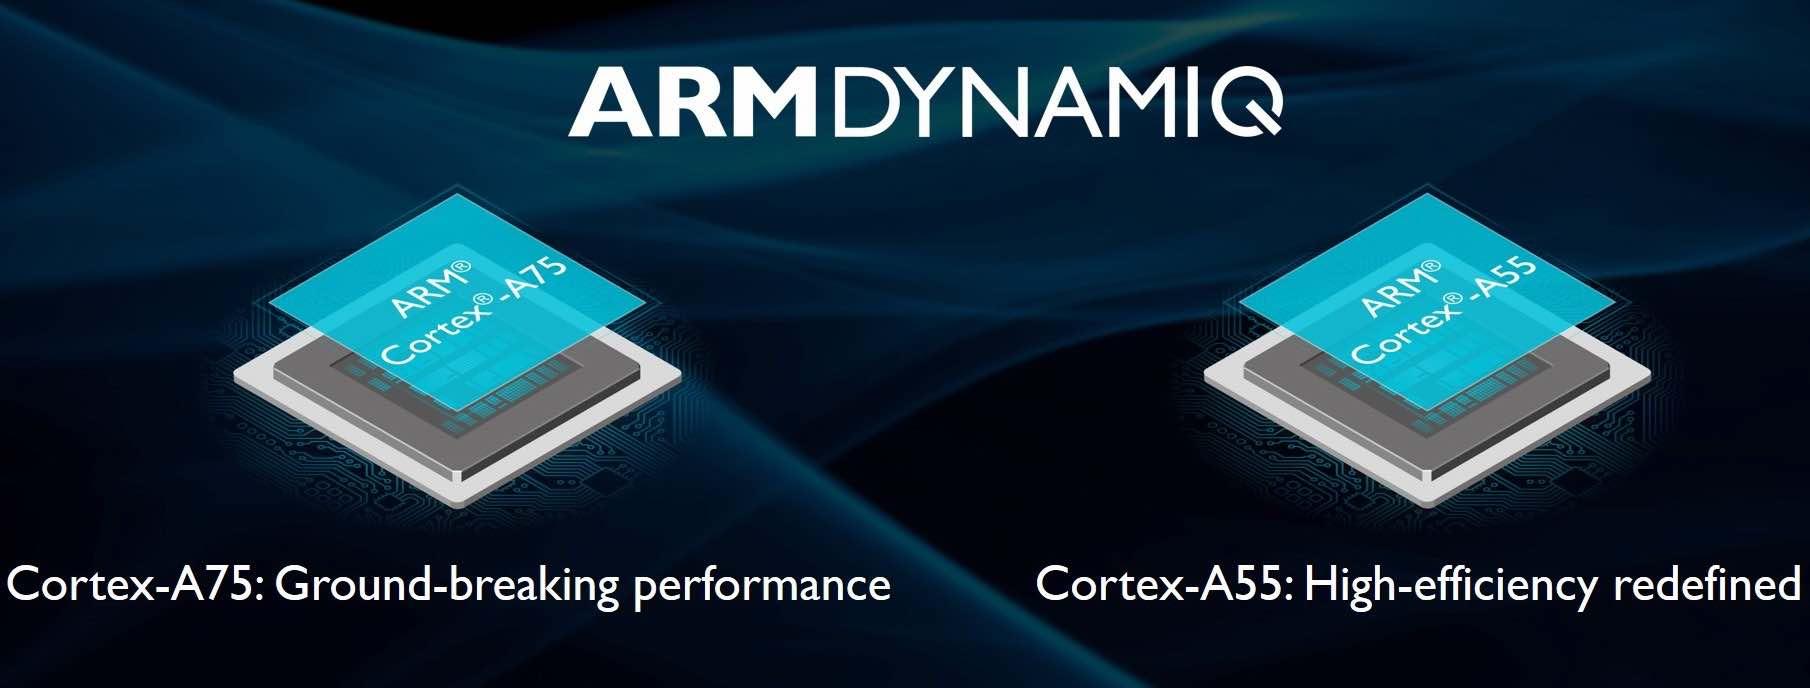 Cortex-A75 & Cortex-A55